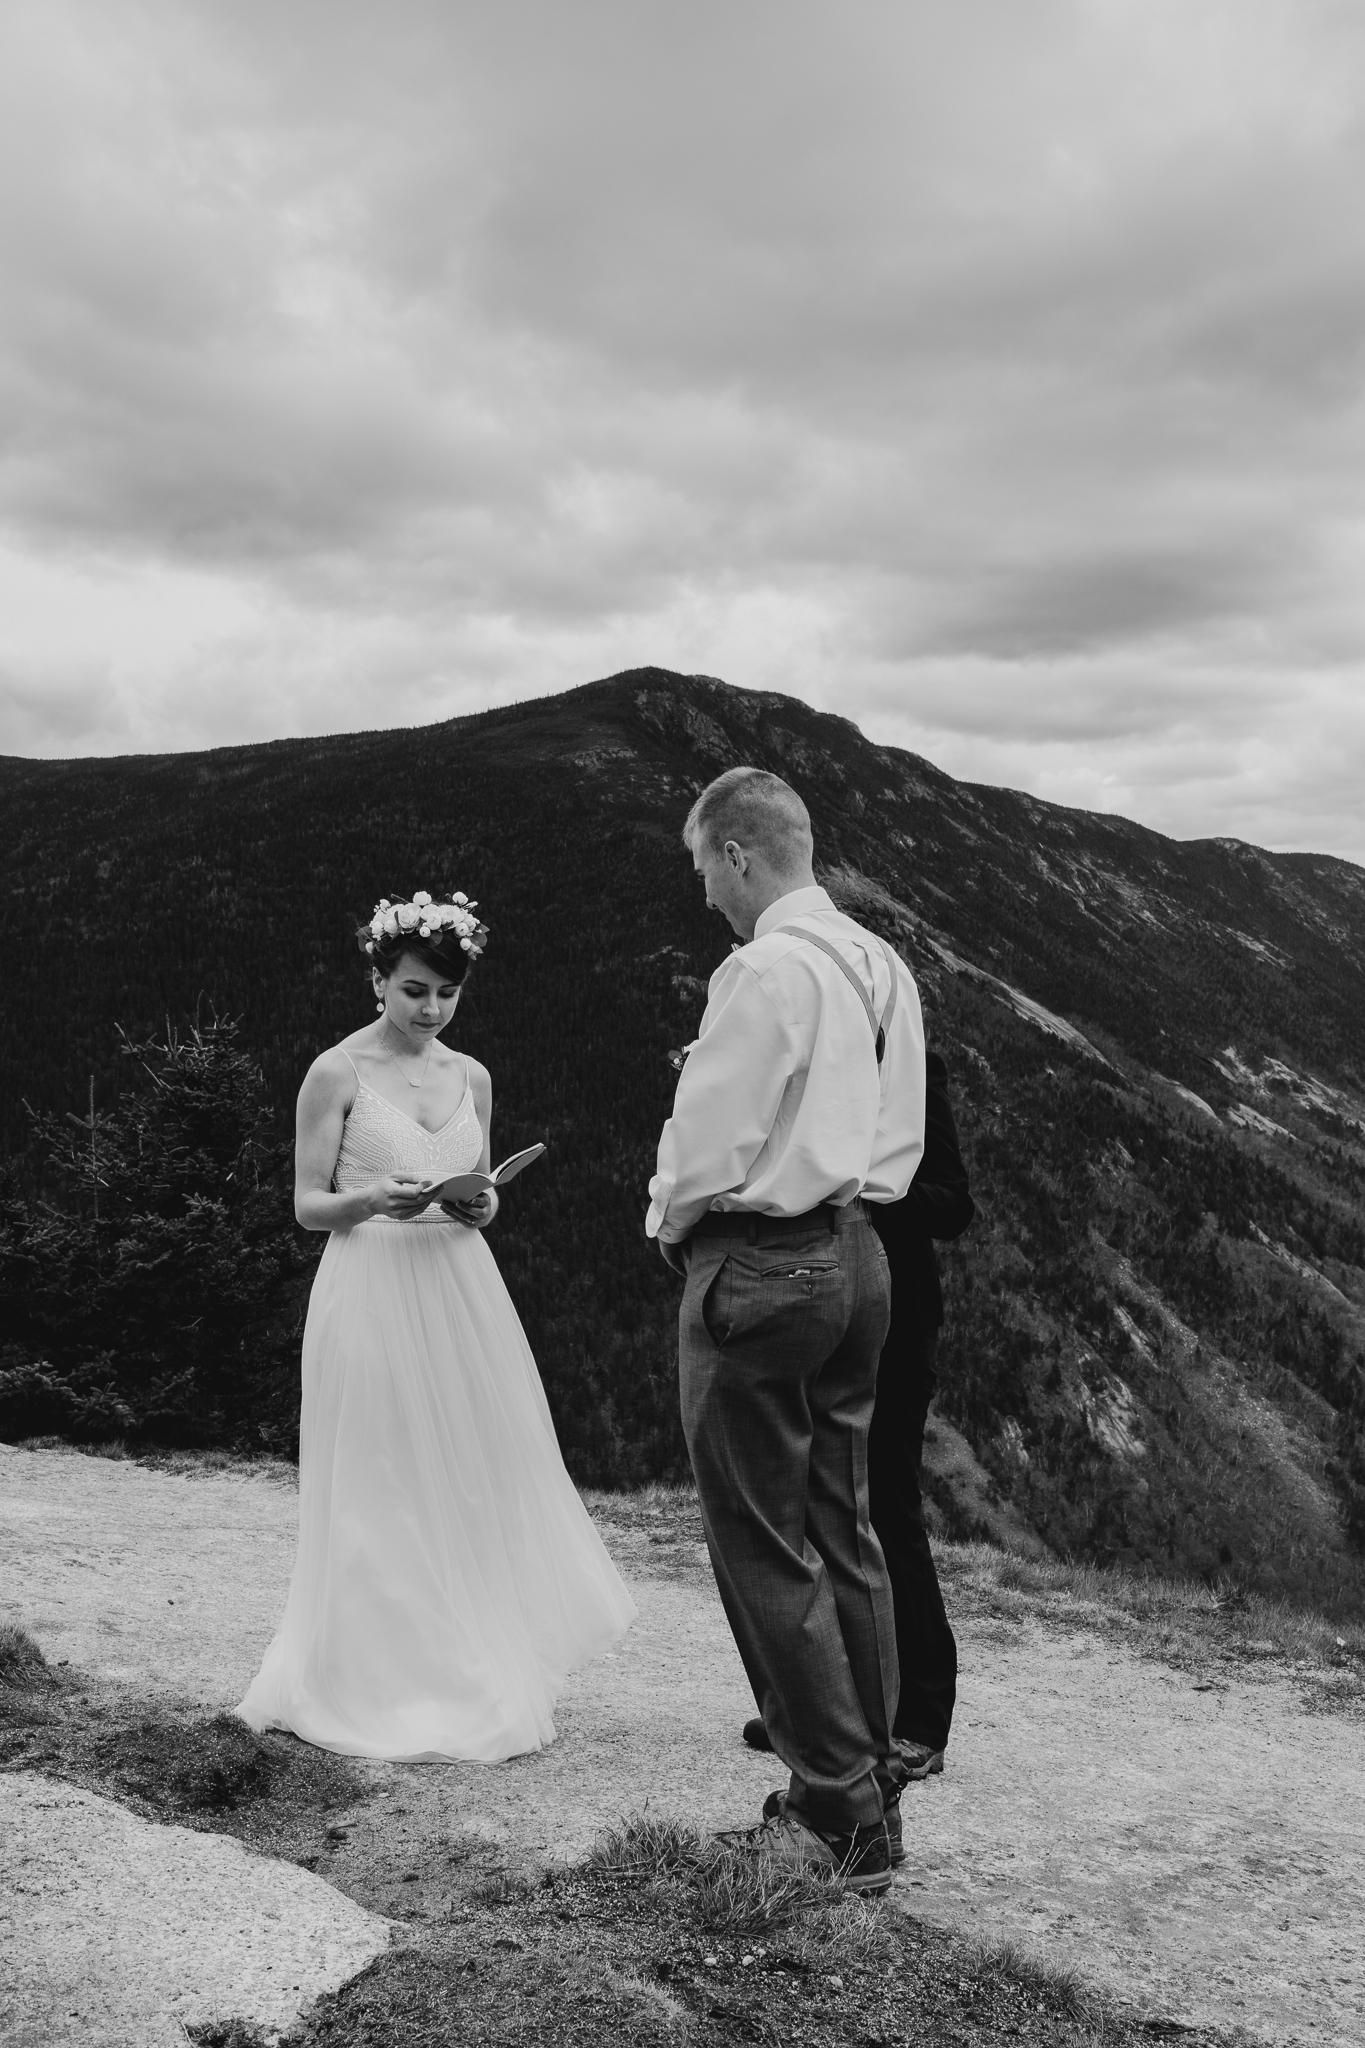 LarueElopementerinwheatco-3748 Mount Willard Elopement | Calib & Scotlyn